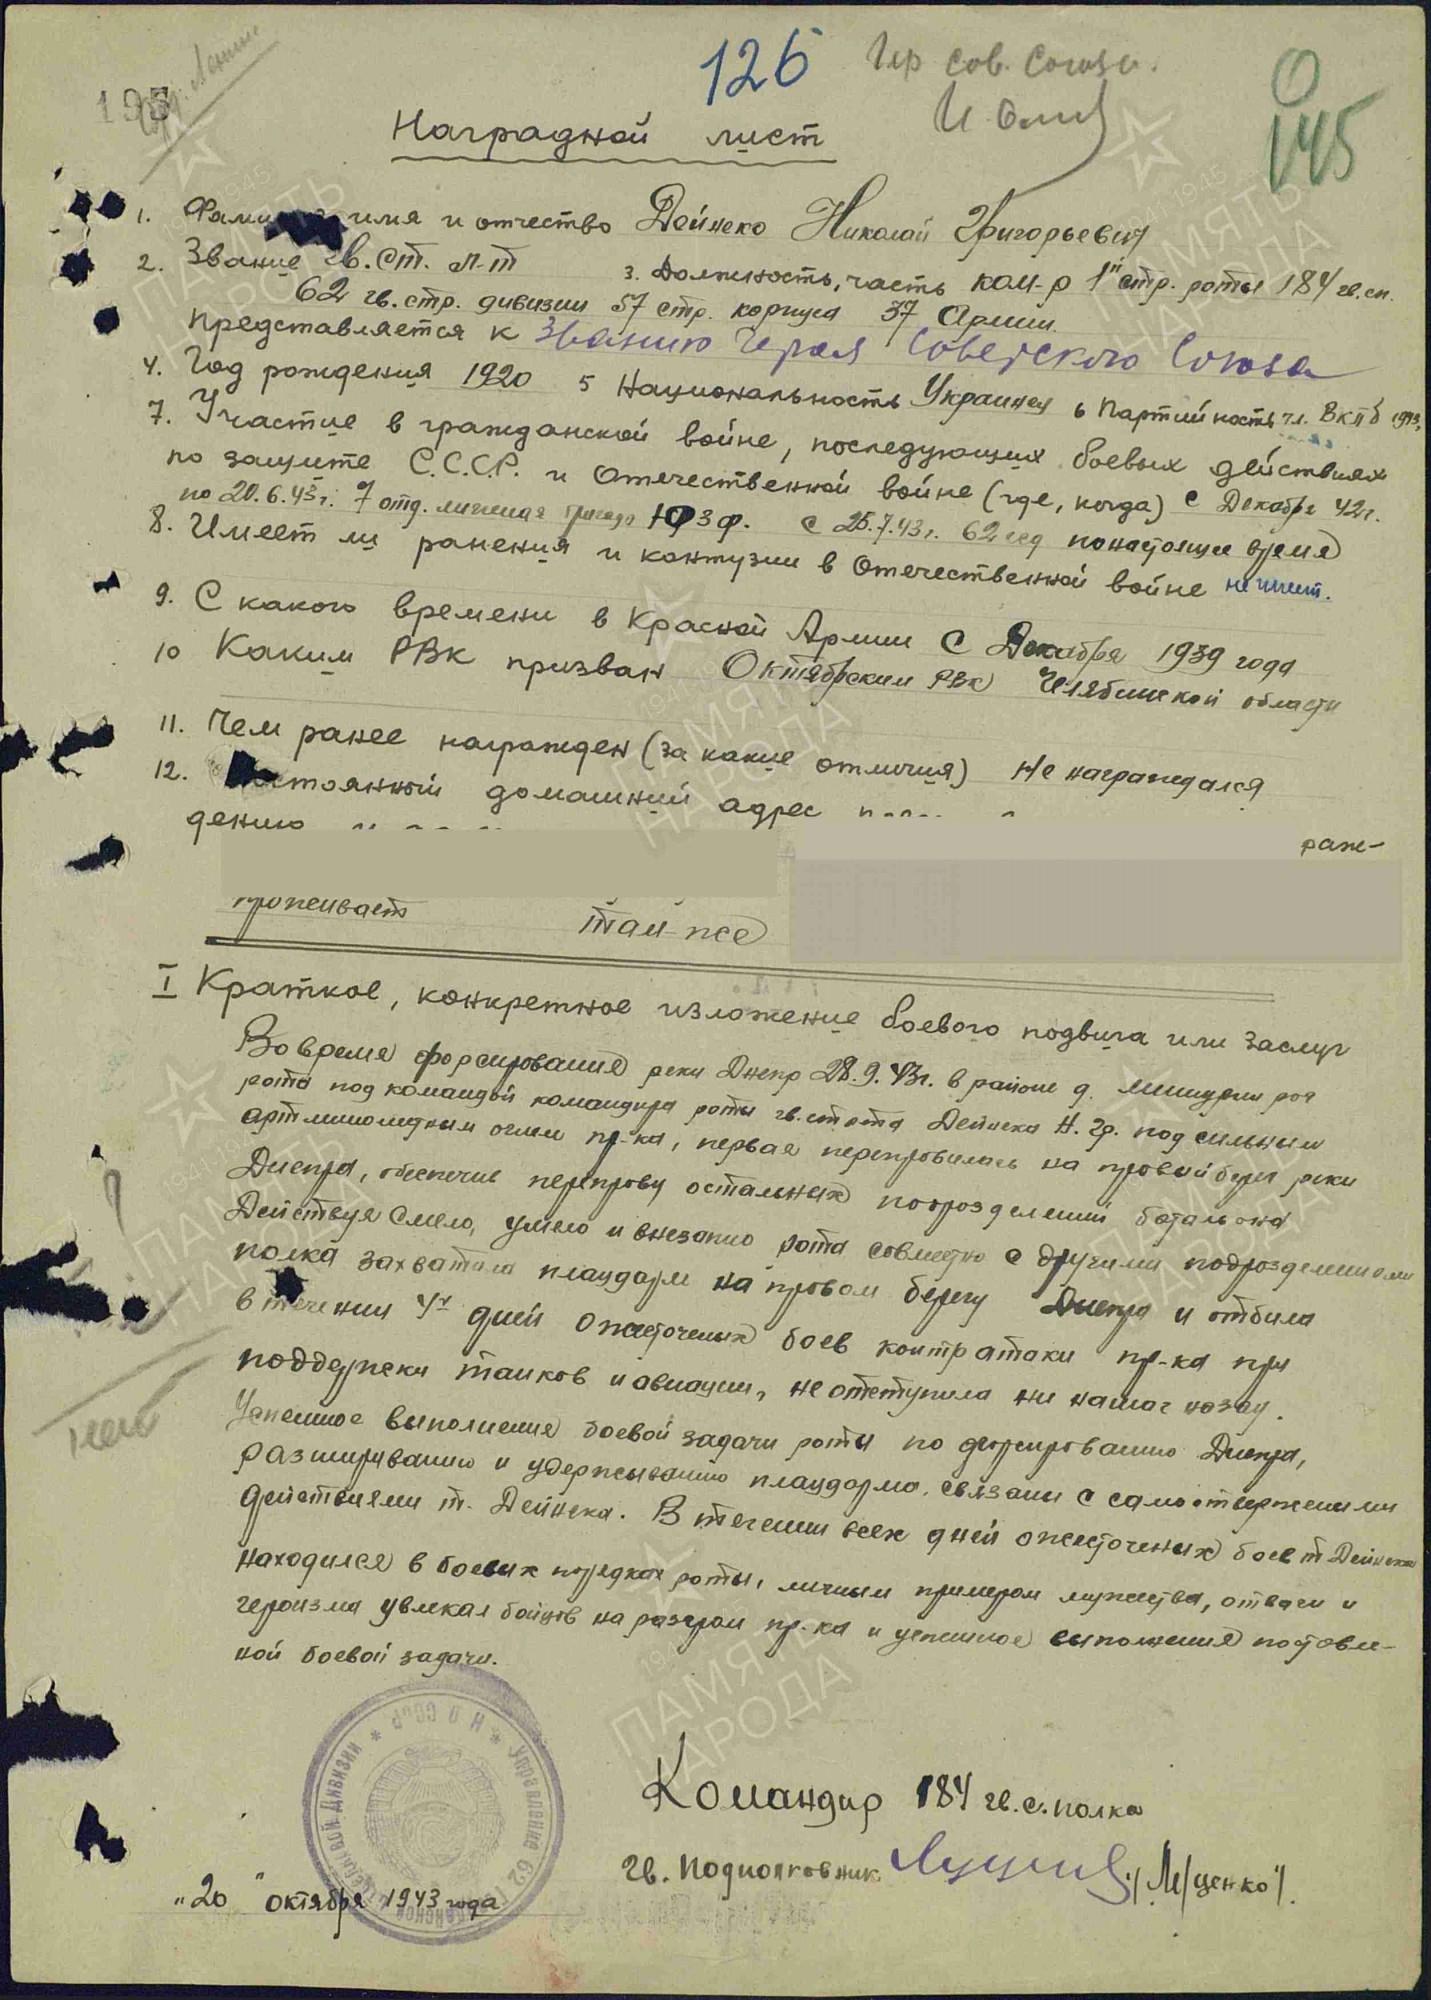 Источник: https://pamyat-naroda.ru/heroes/podvig-chelovek_nagrazhdenie150009055/